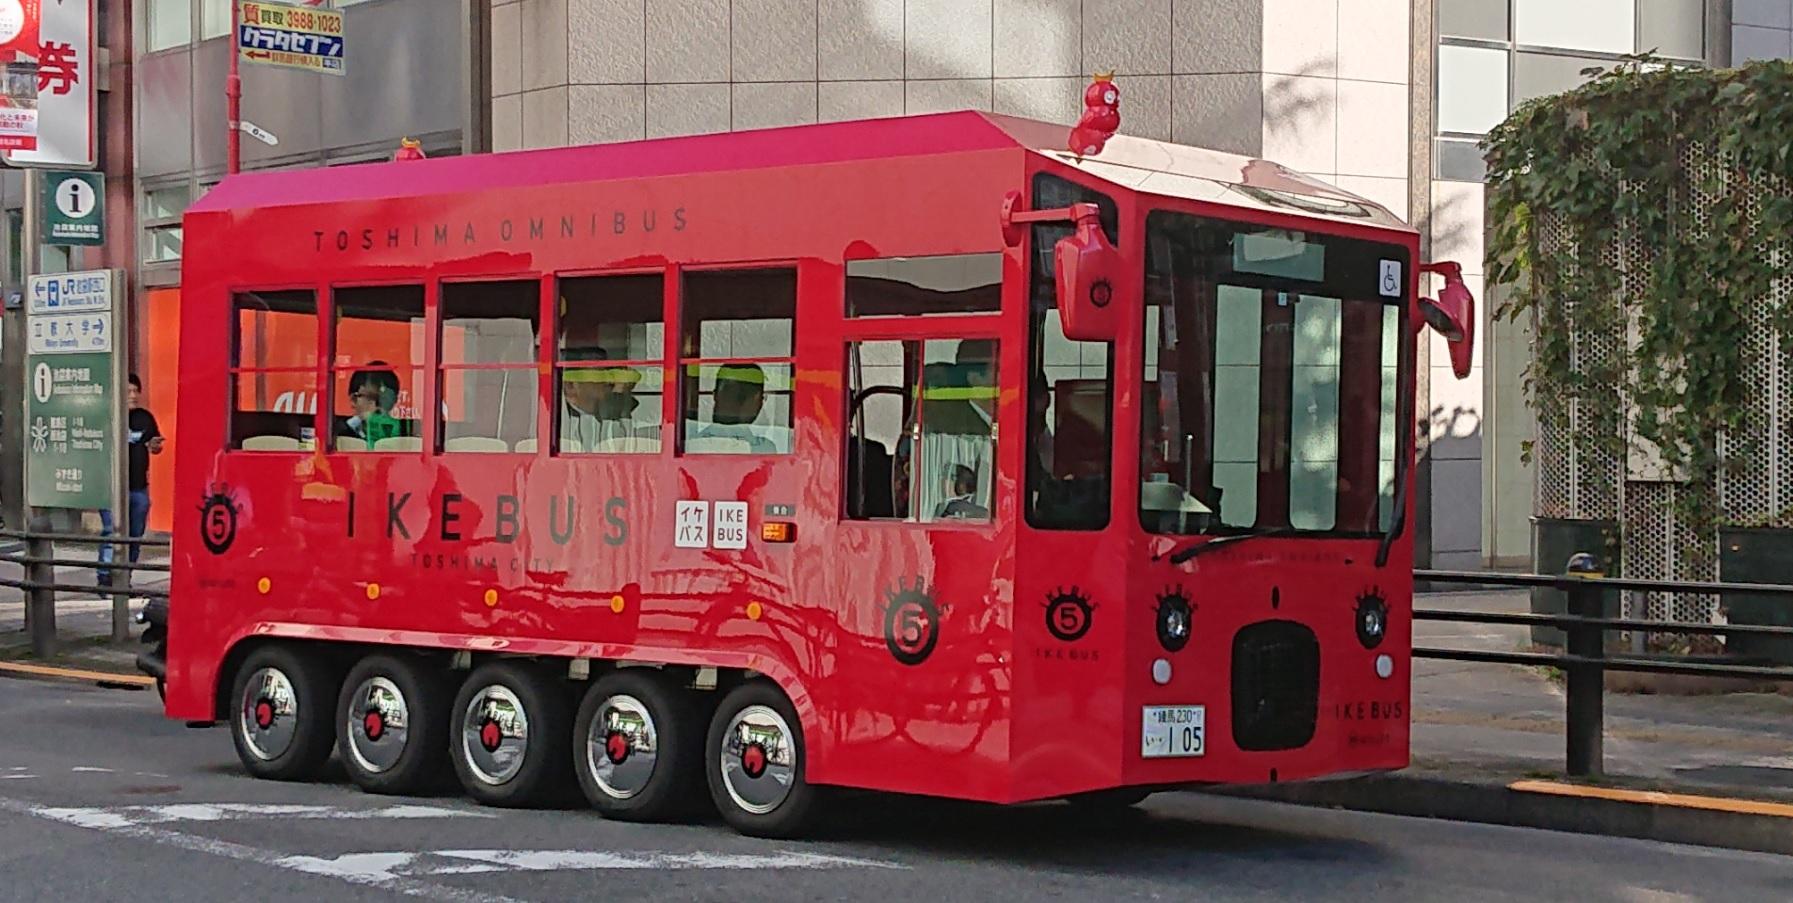 池袋, 赤バス, IKEBUS, 豊島区, TOSHIMAKU, 池袋駅, #IKEBUKURORED